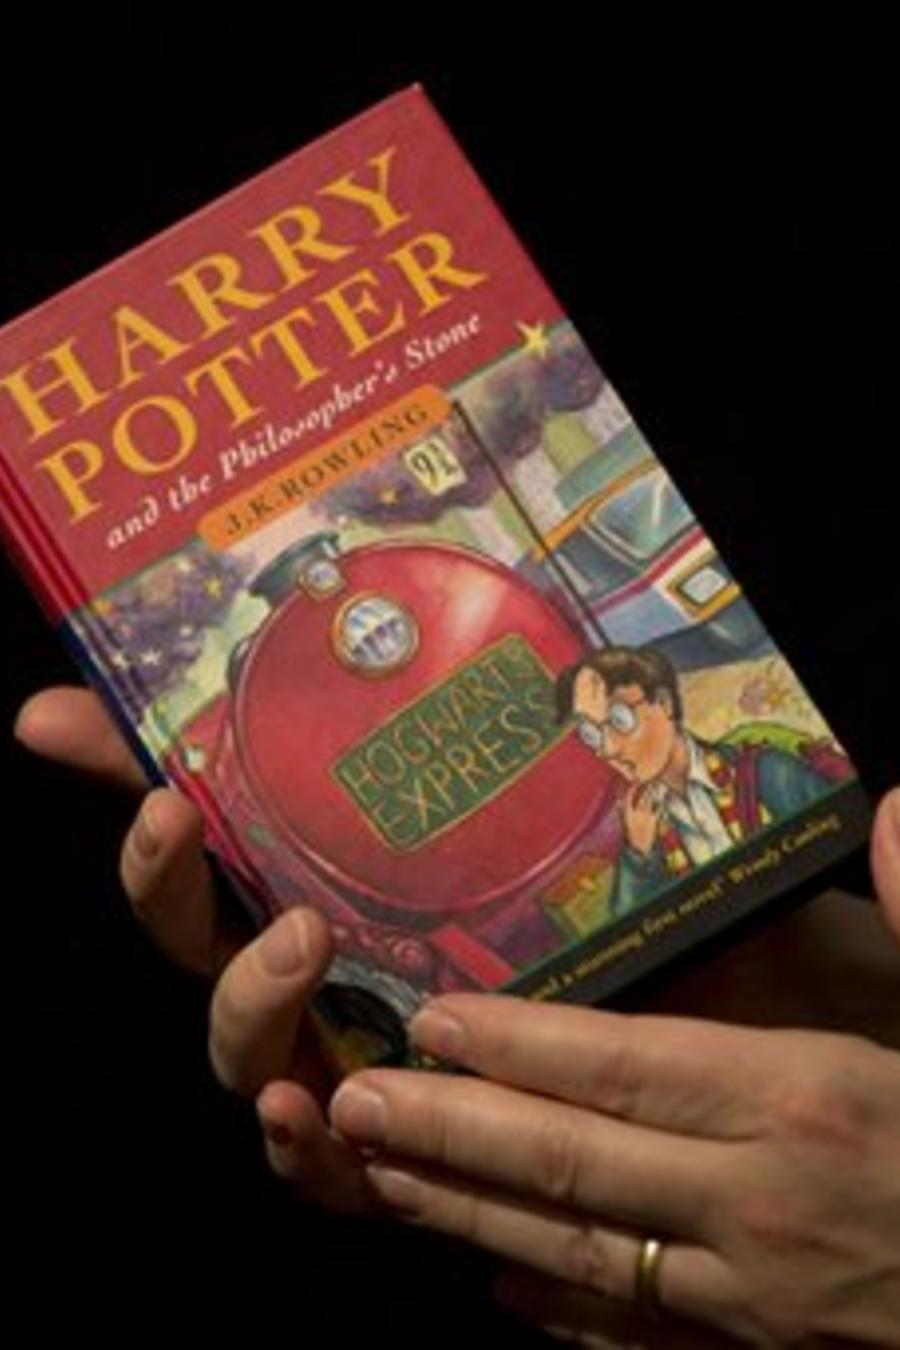 Un hombre sujeta una copia de uno de los libros de la serie de 'Harry Potter'.